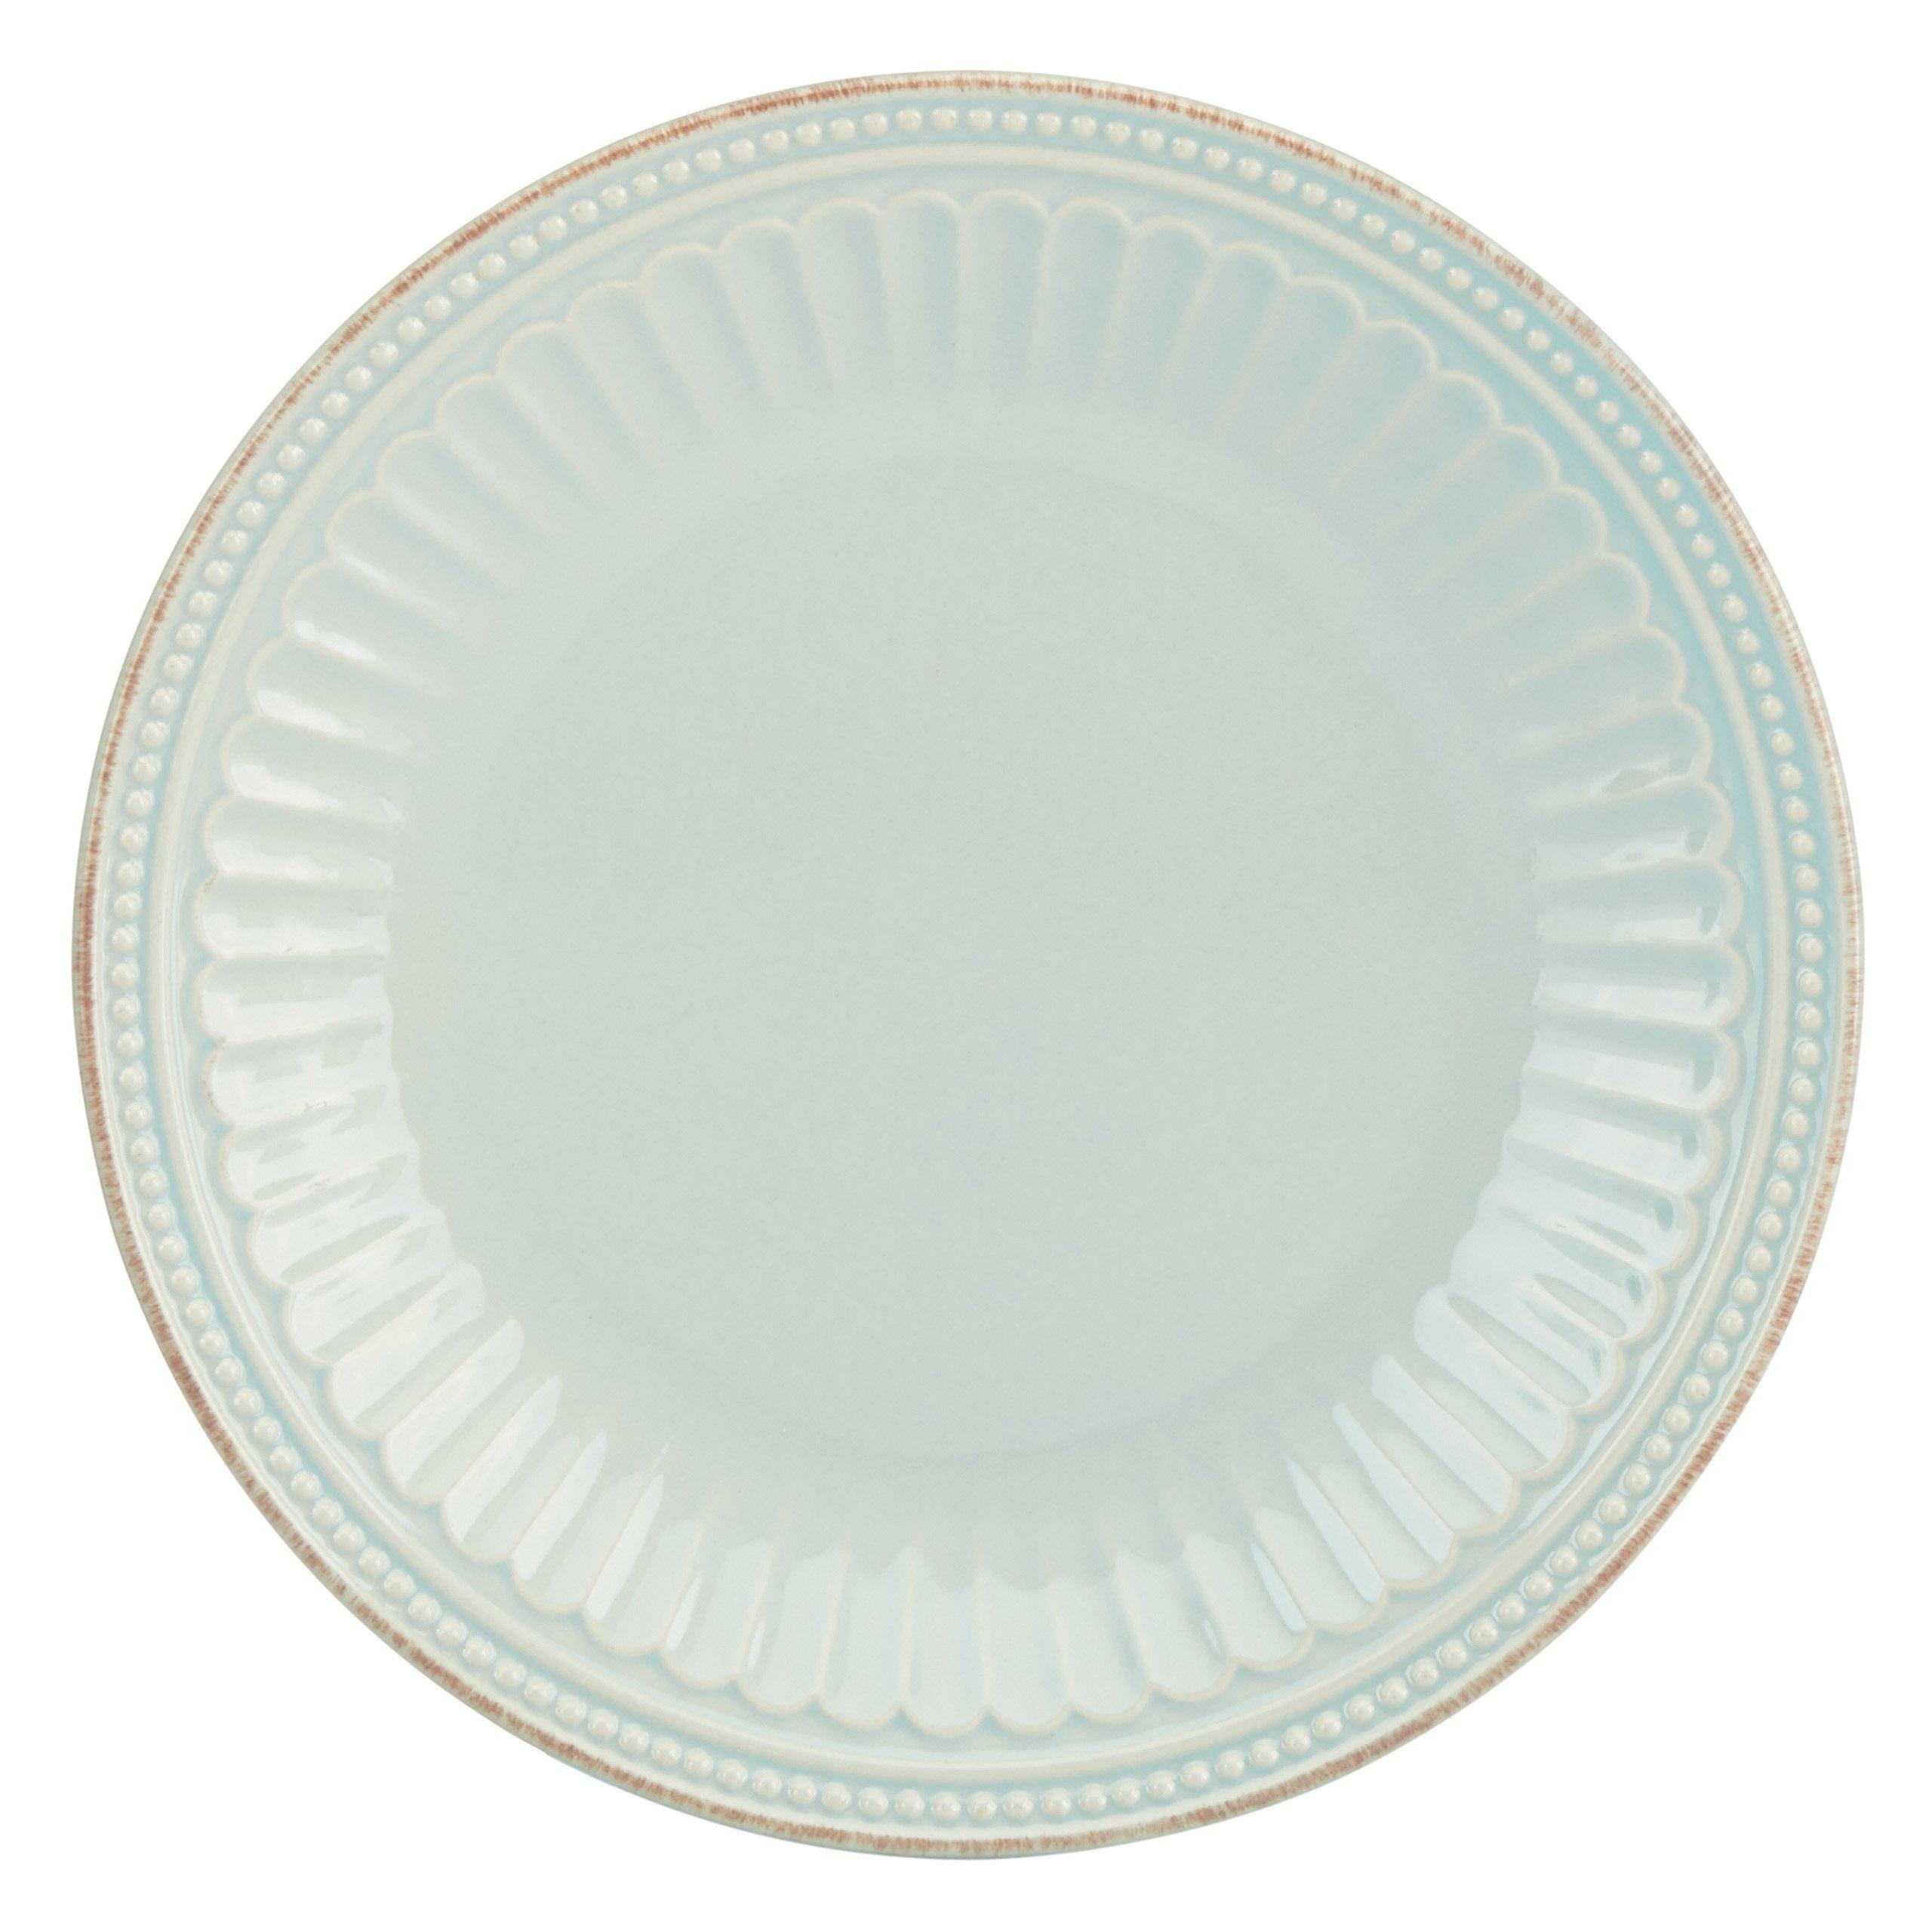 Silver 849620 Lenox Stony Creek Bread Tray